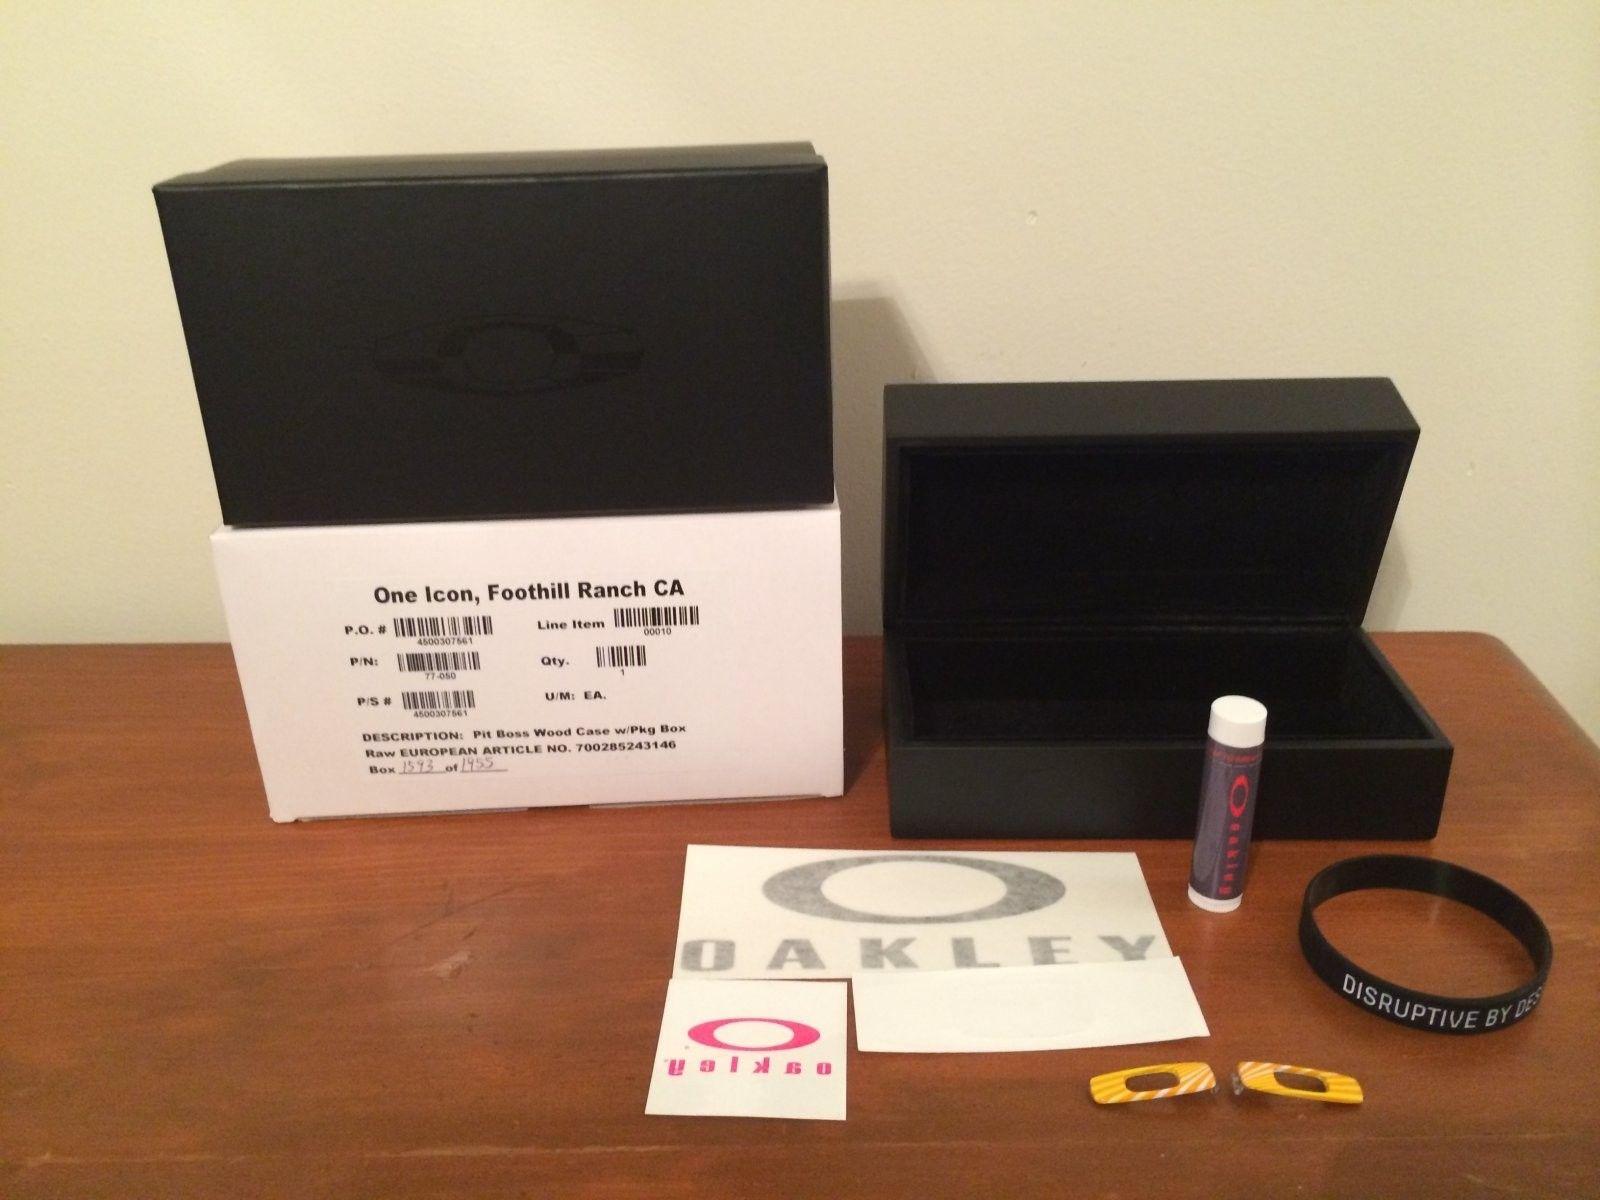 Oakley Contest Package Box W/Pitboss Wooden Case - IMG_4742.JPG